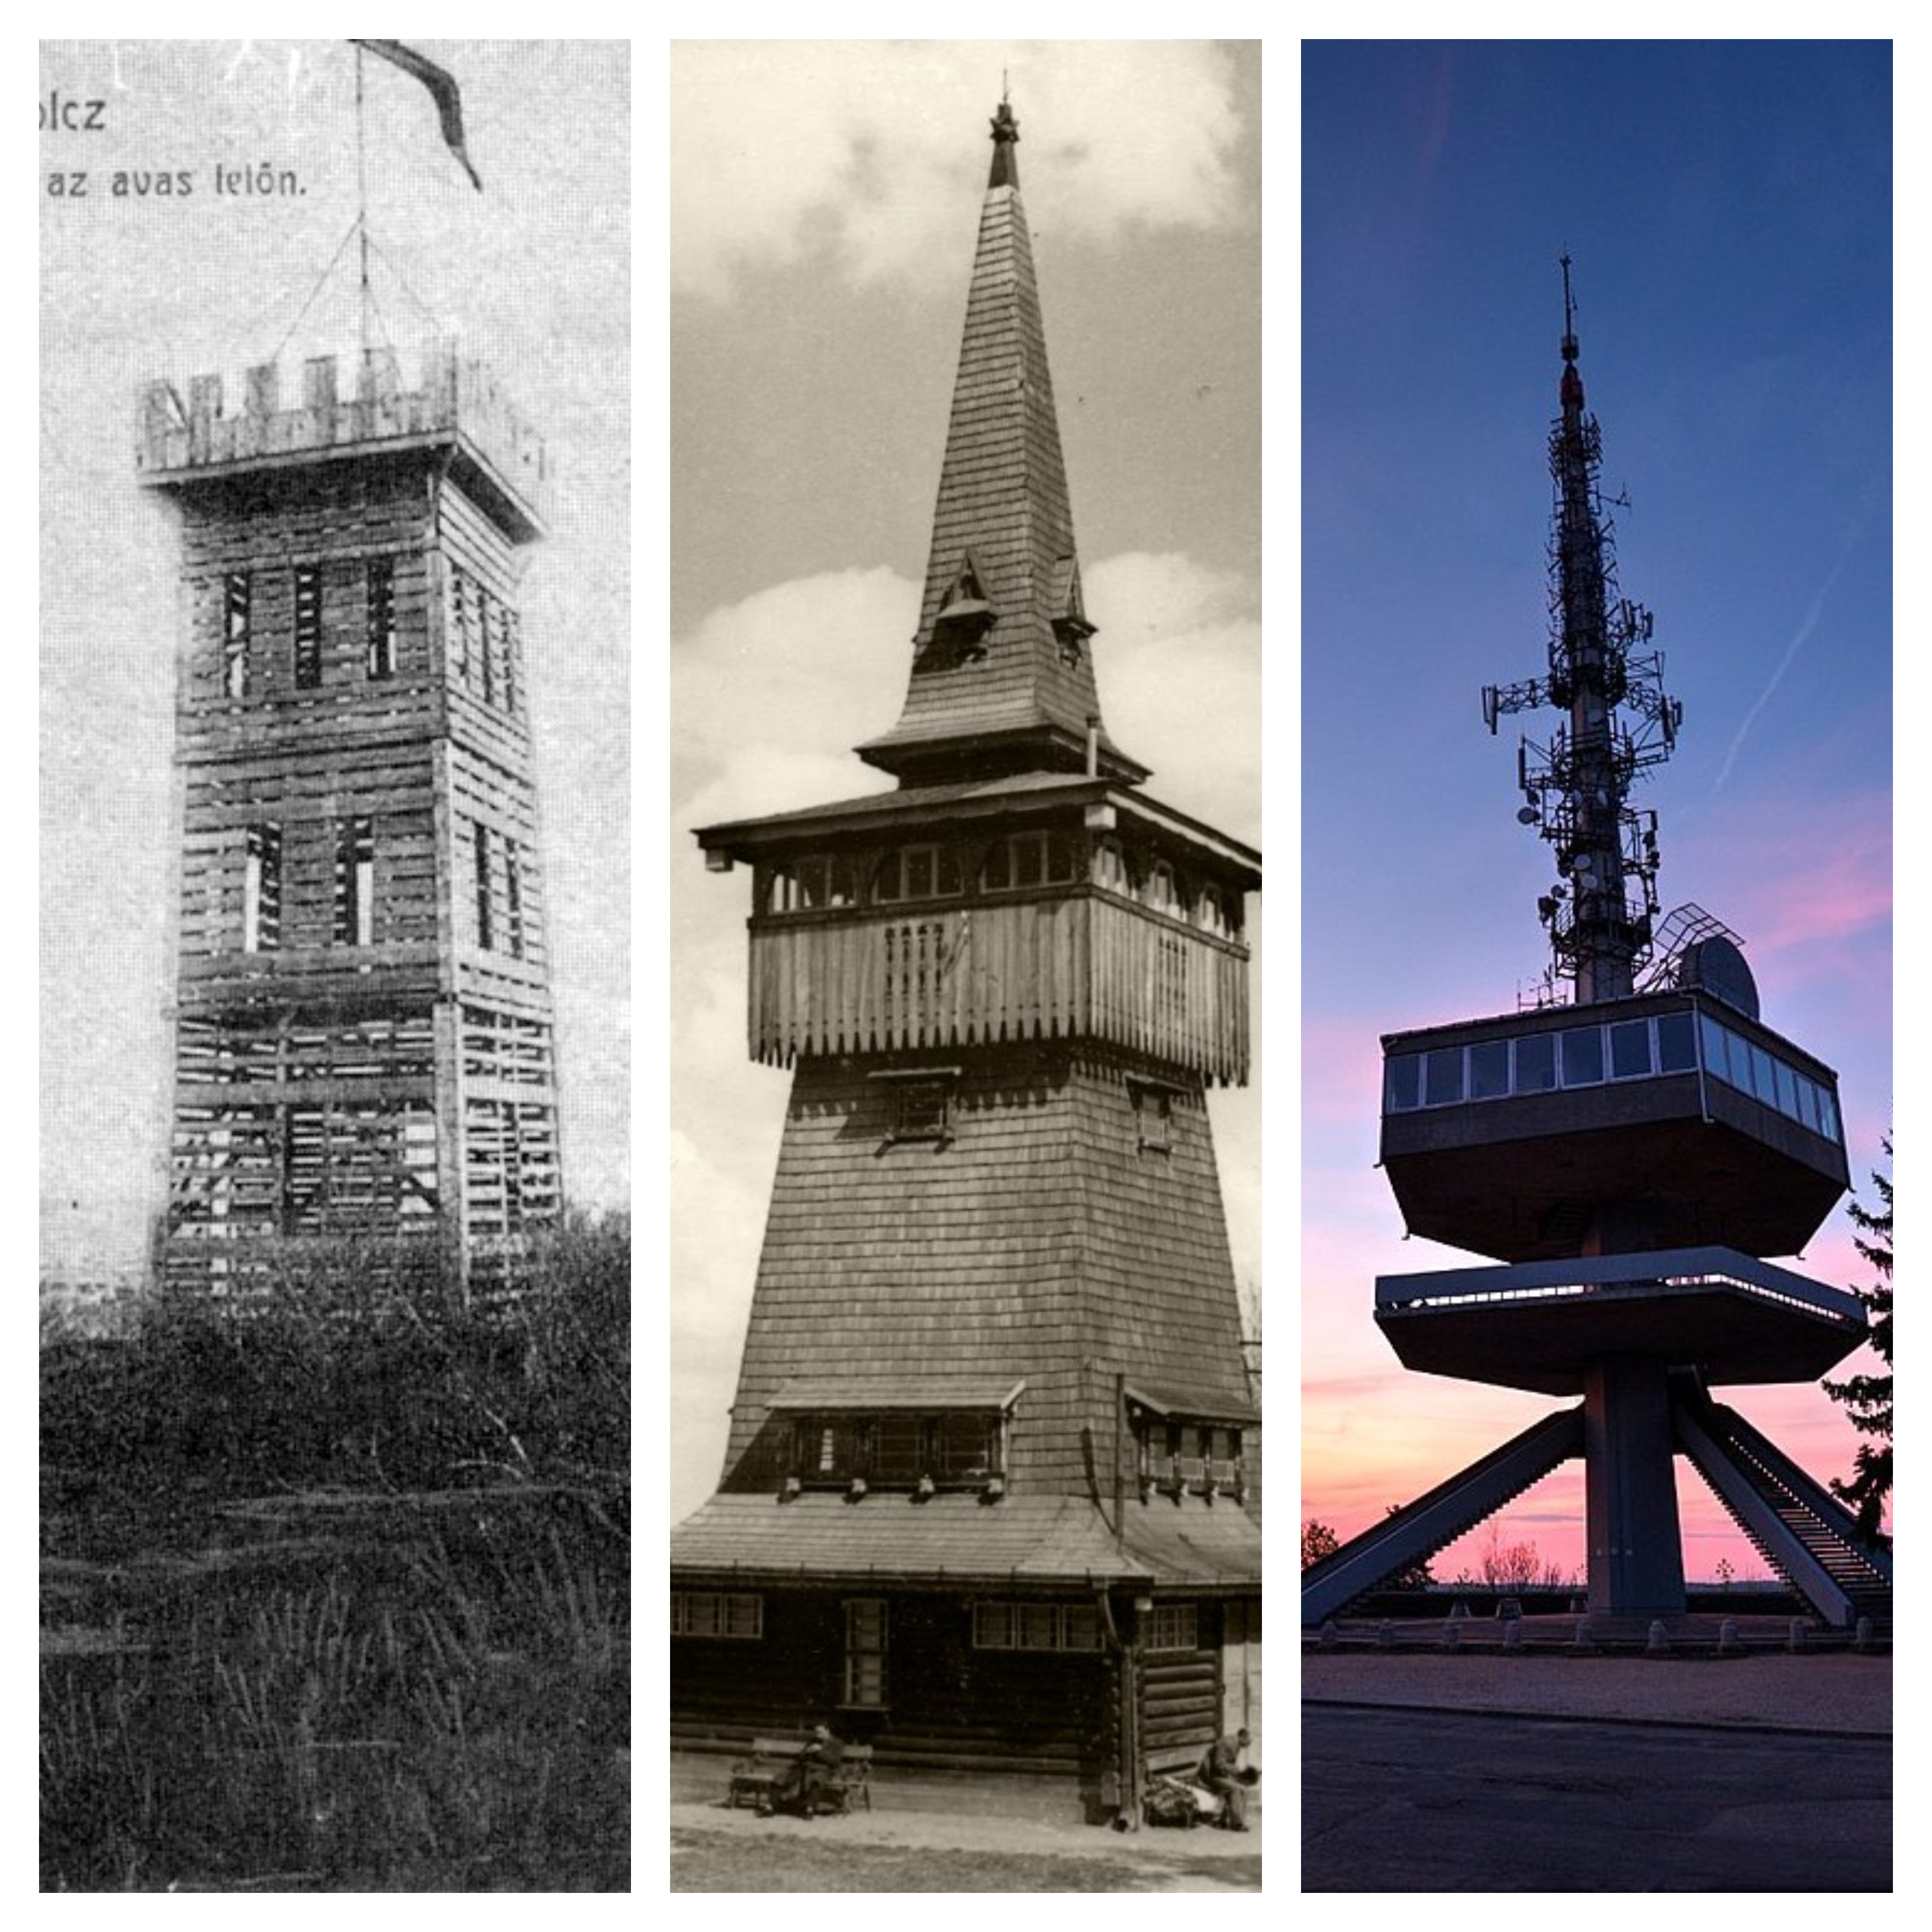 Kultikus épületek, amiket ma már hiába keresel a városban